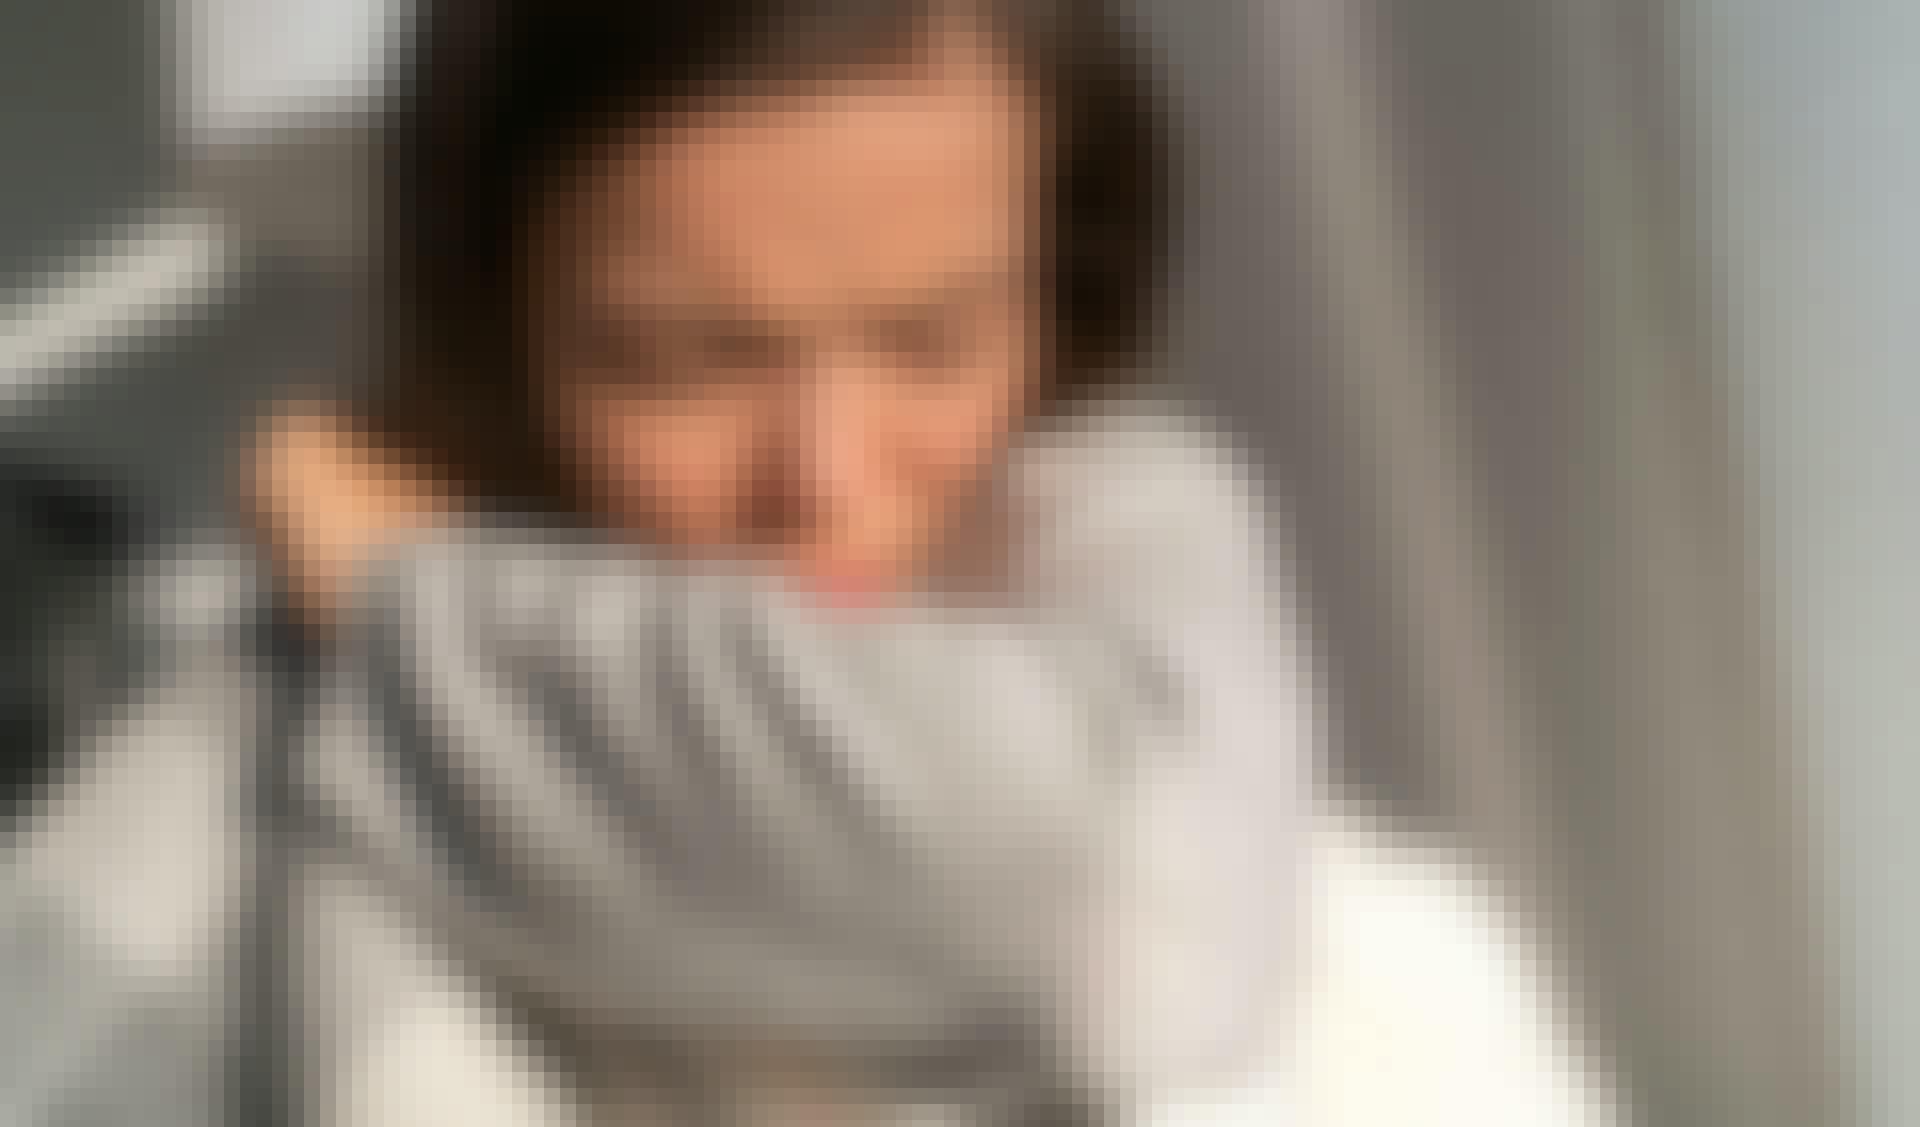 Hoste er ofte et symptom på corona